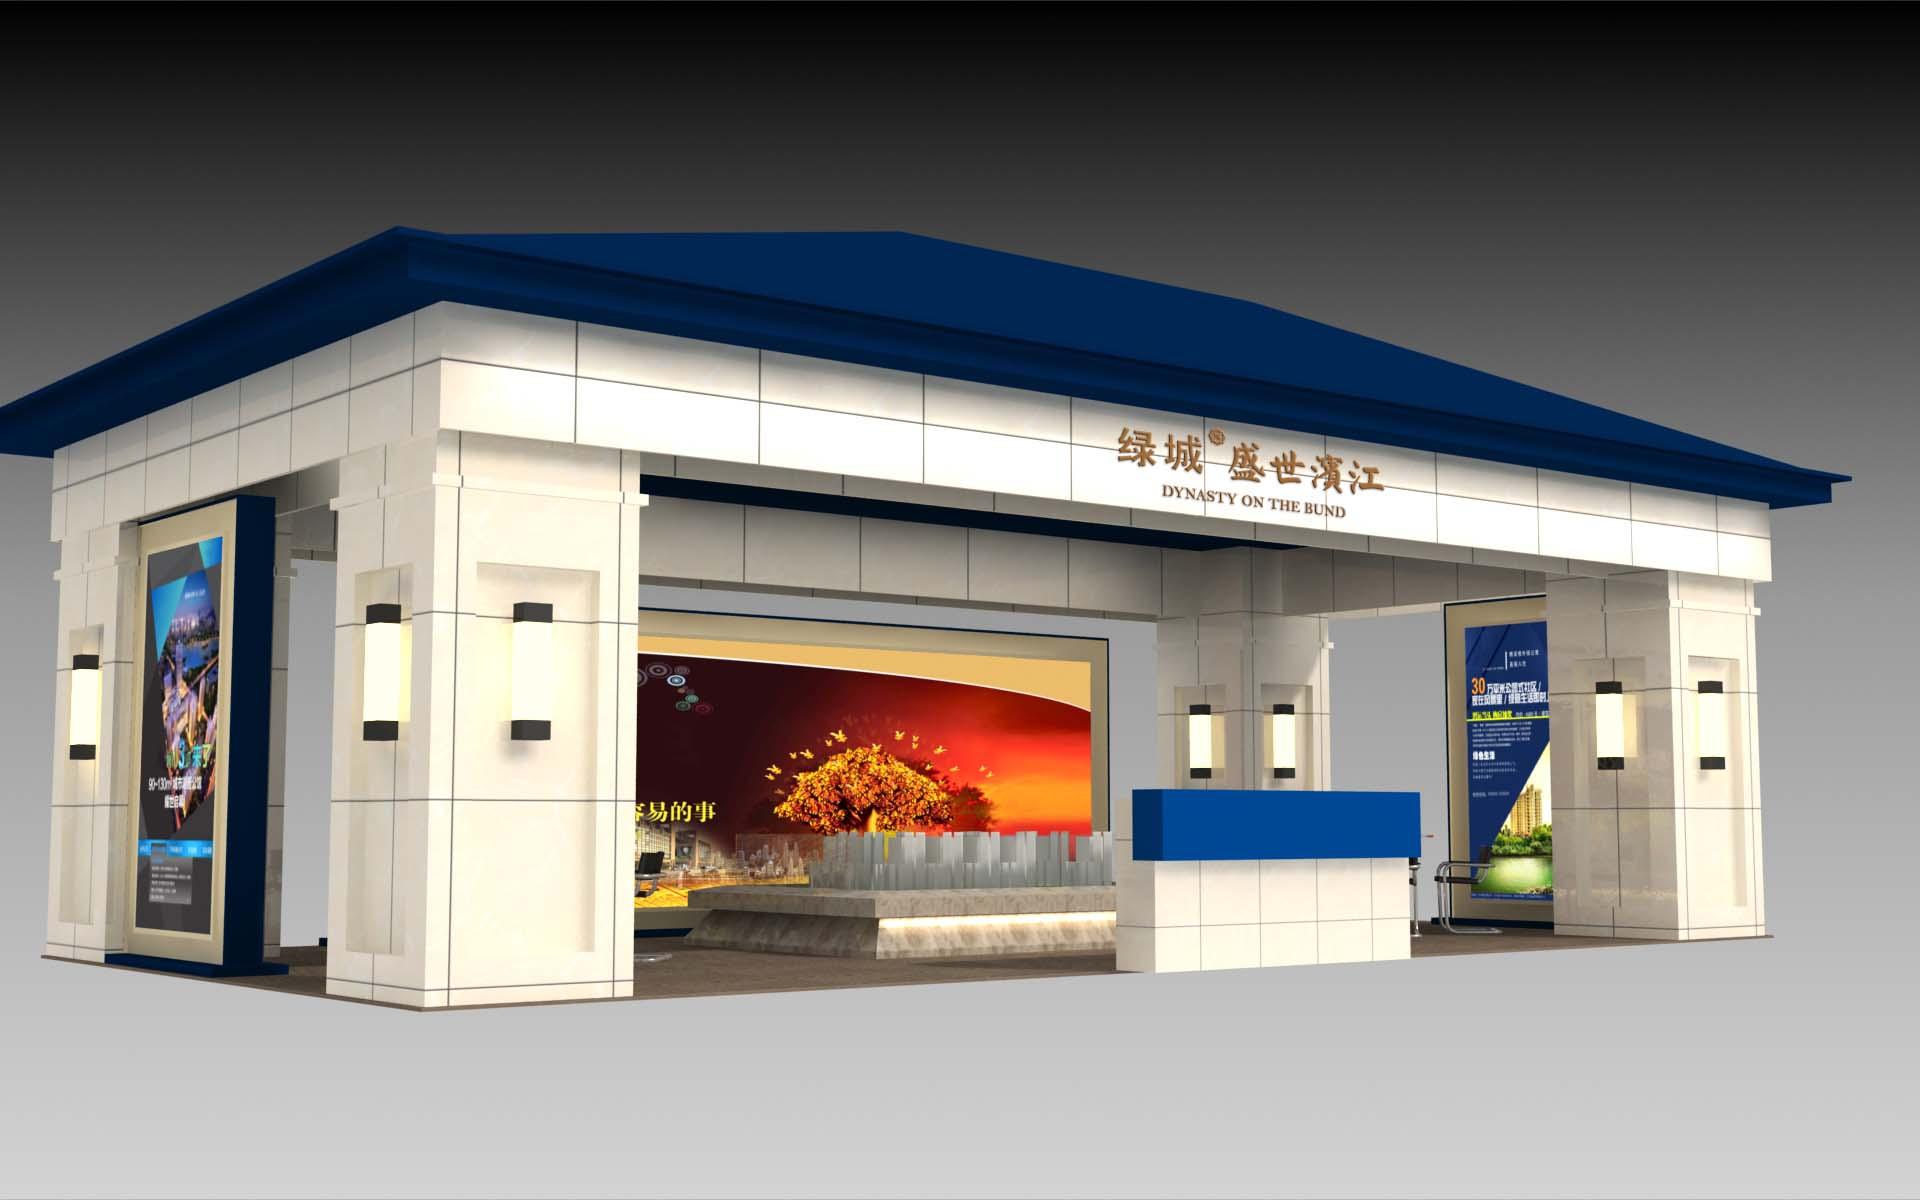 2016全国展览设计施工 展台搭建 展厅设计与搭建 全国展览